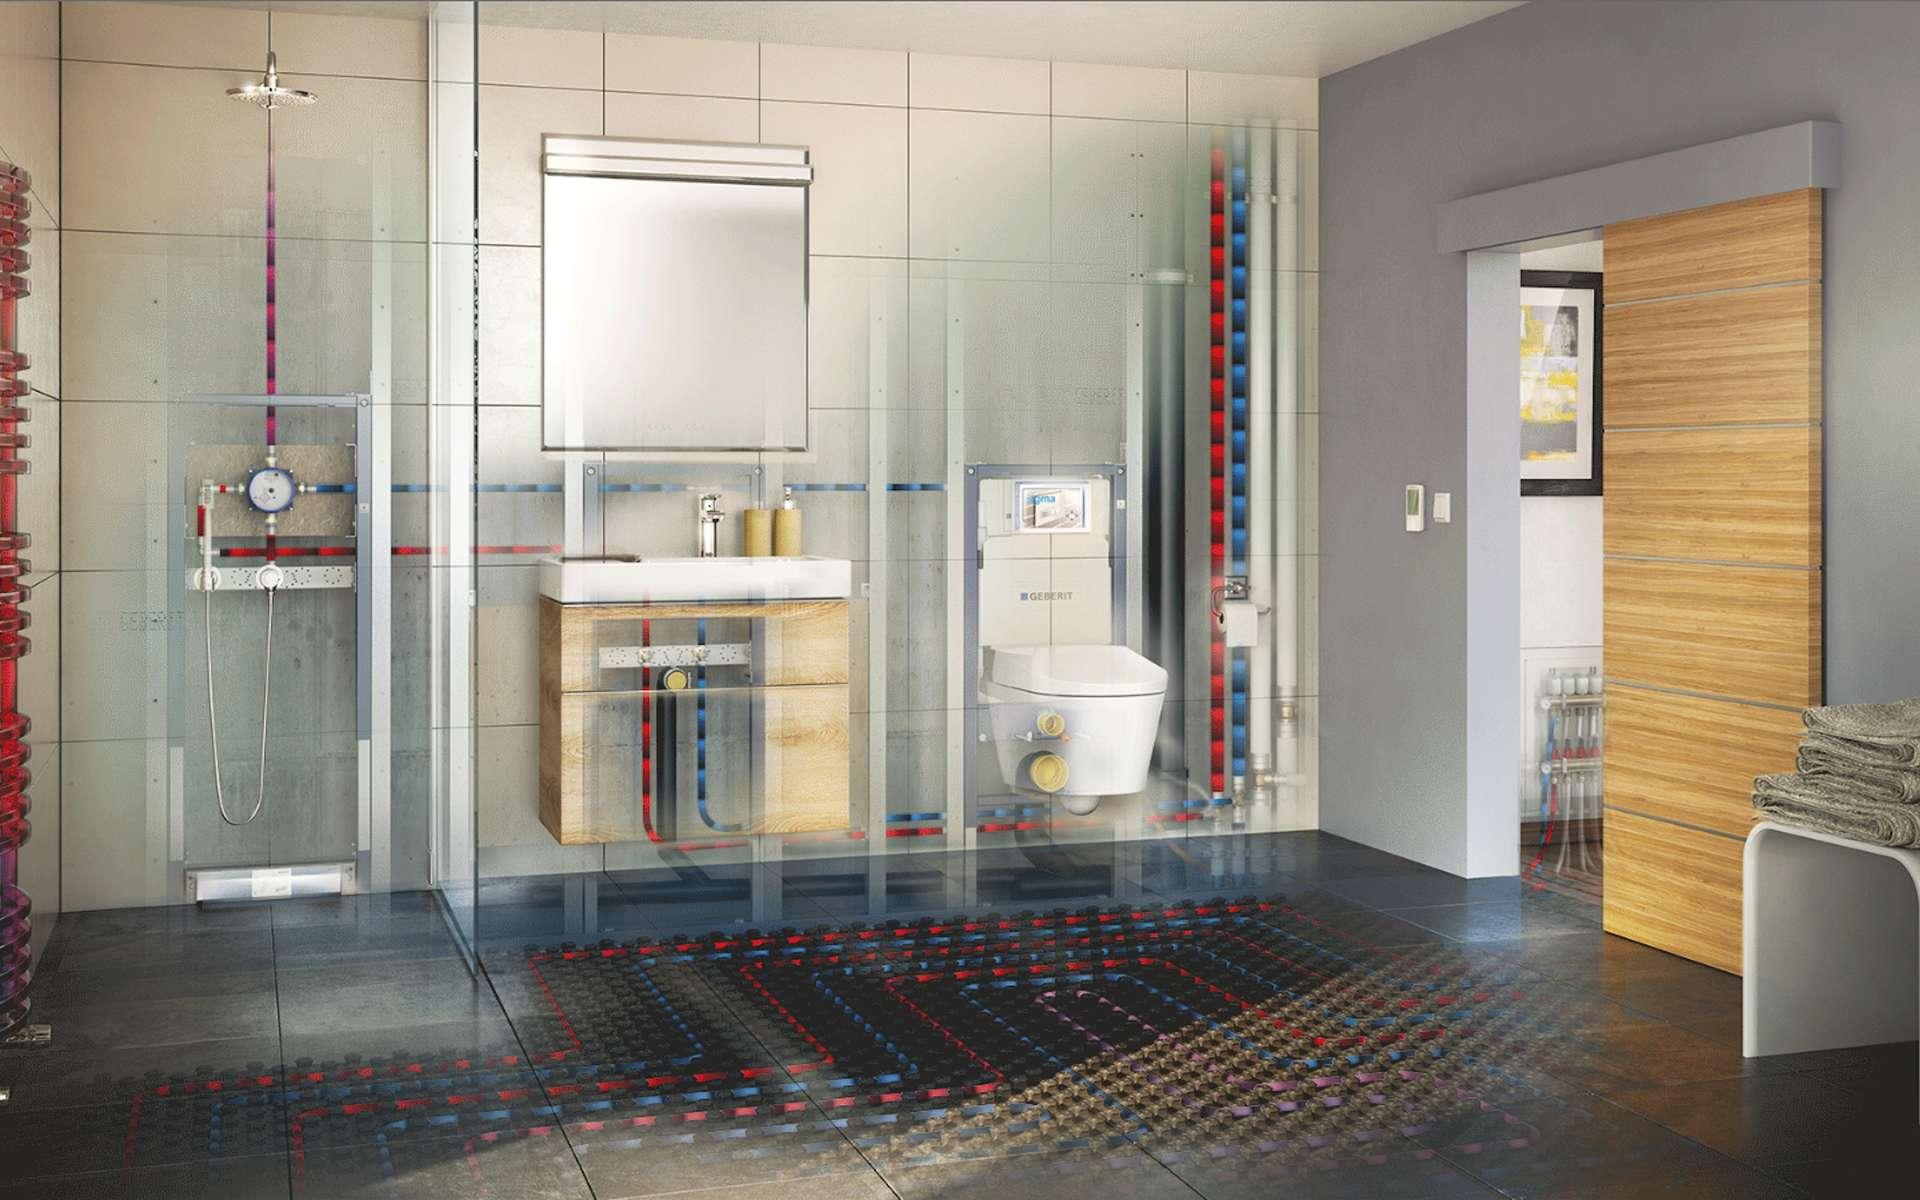 Installer le circuit d'eau domestique requiert de respecter des normes. © Geberit